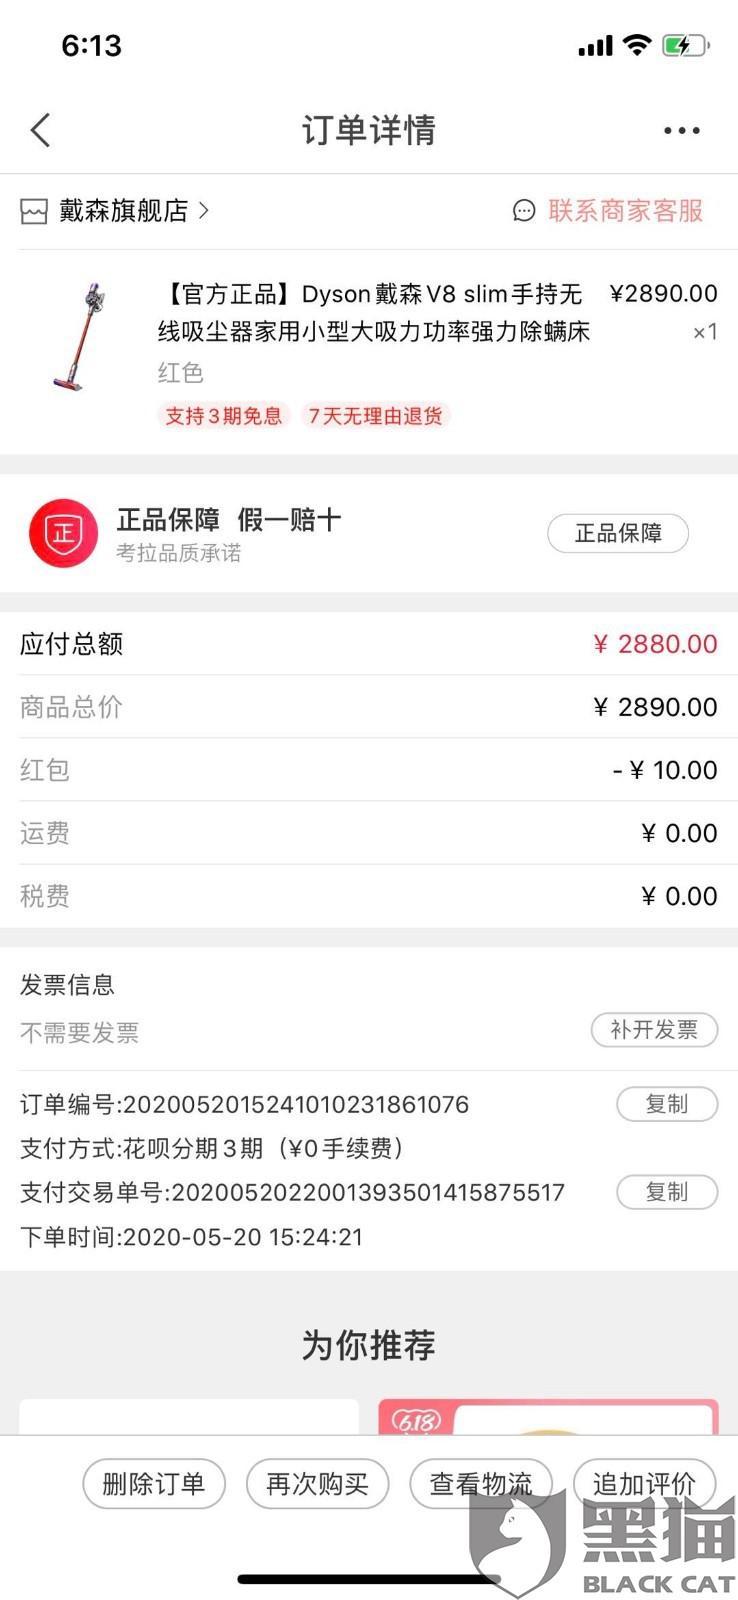 黑猫投诉:考拉海购欺诈消费者,1天相差300元不予退差价